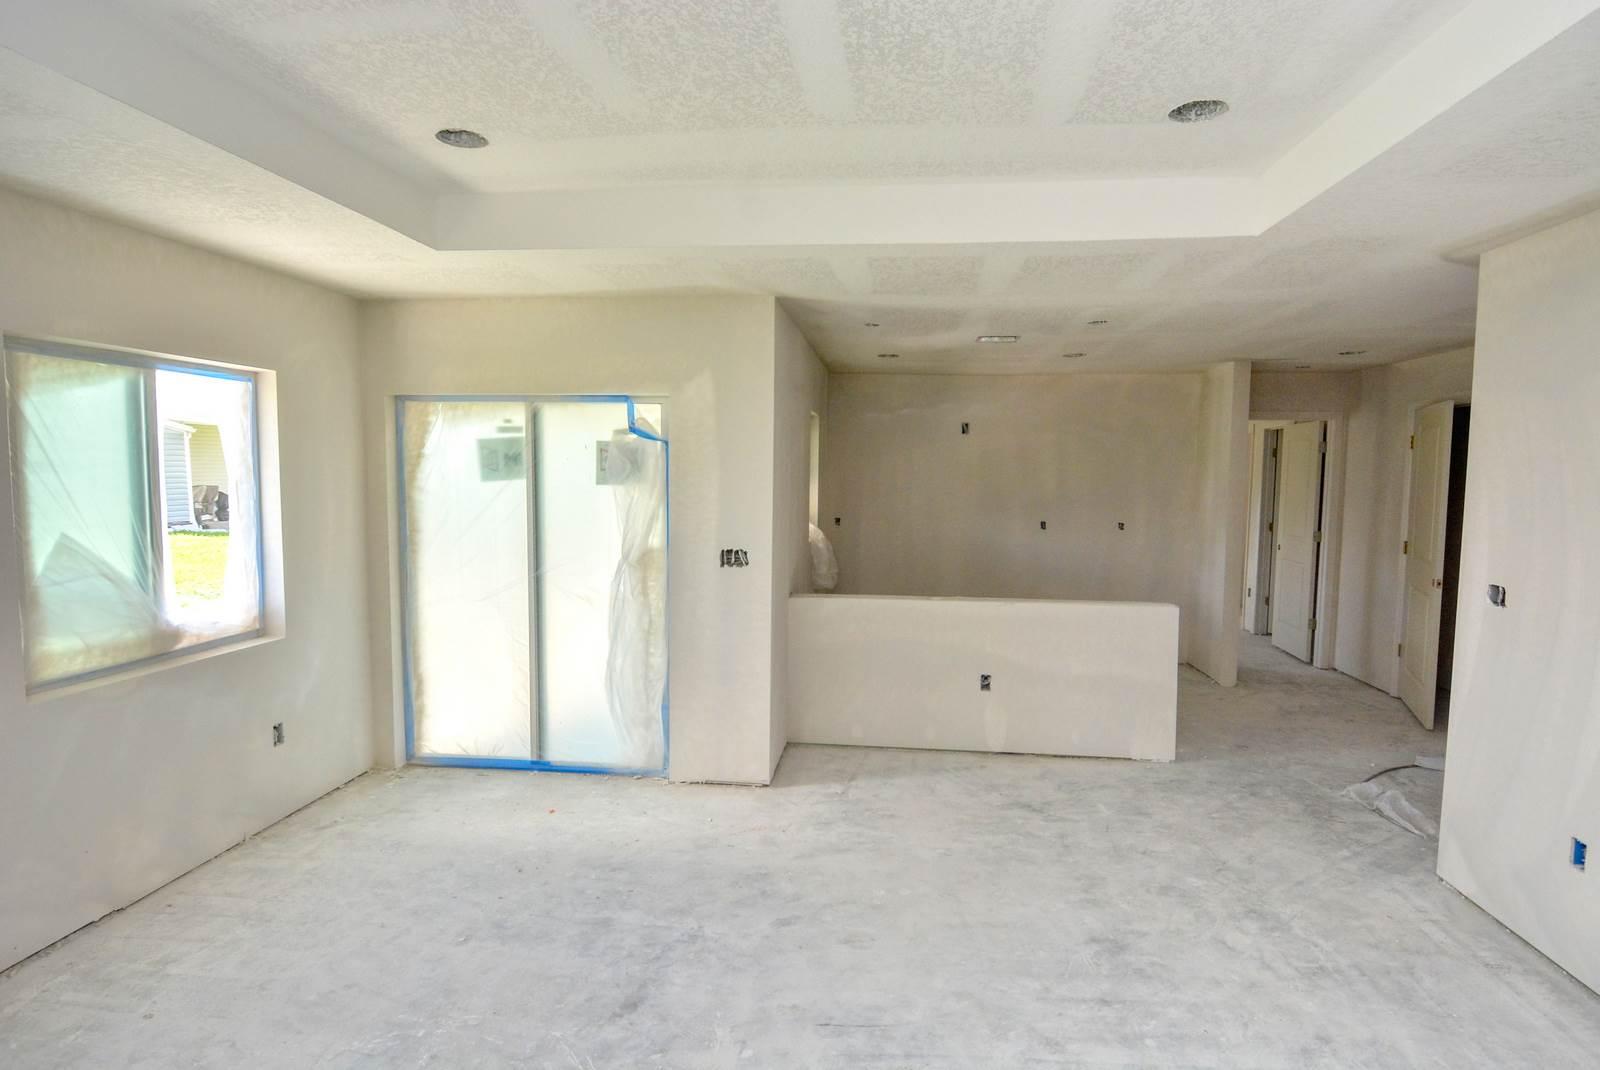 4310 SW 10 Th Avenue, Okeechobee, FL 34974